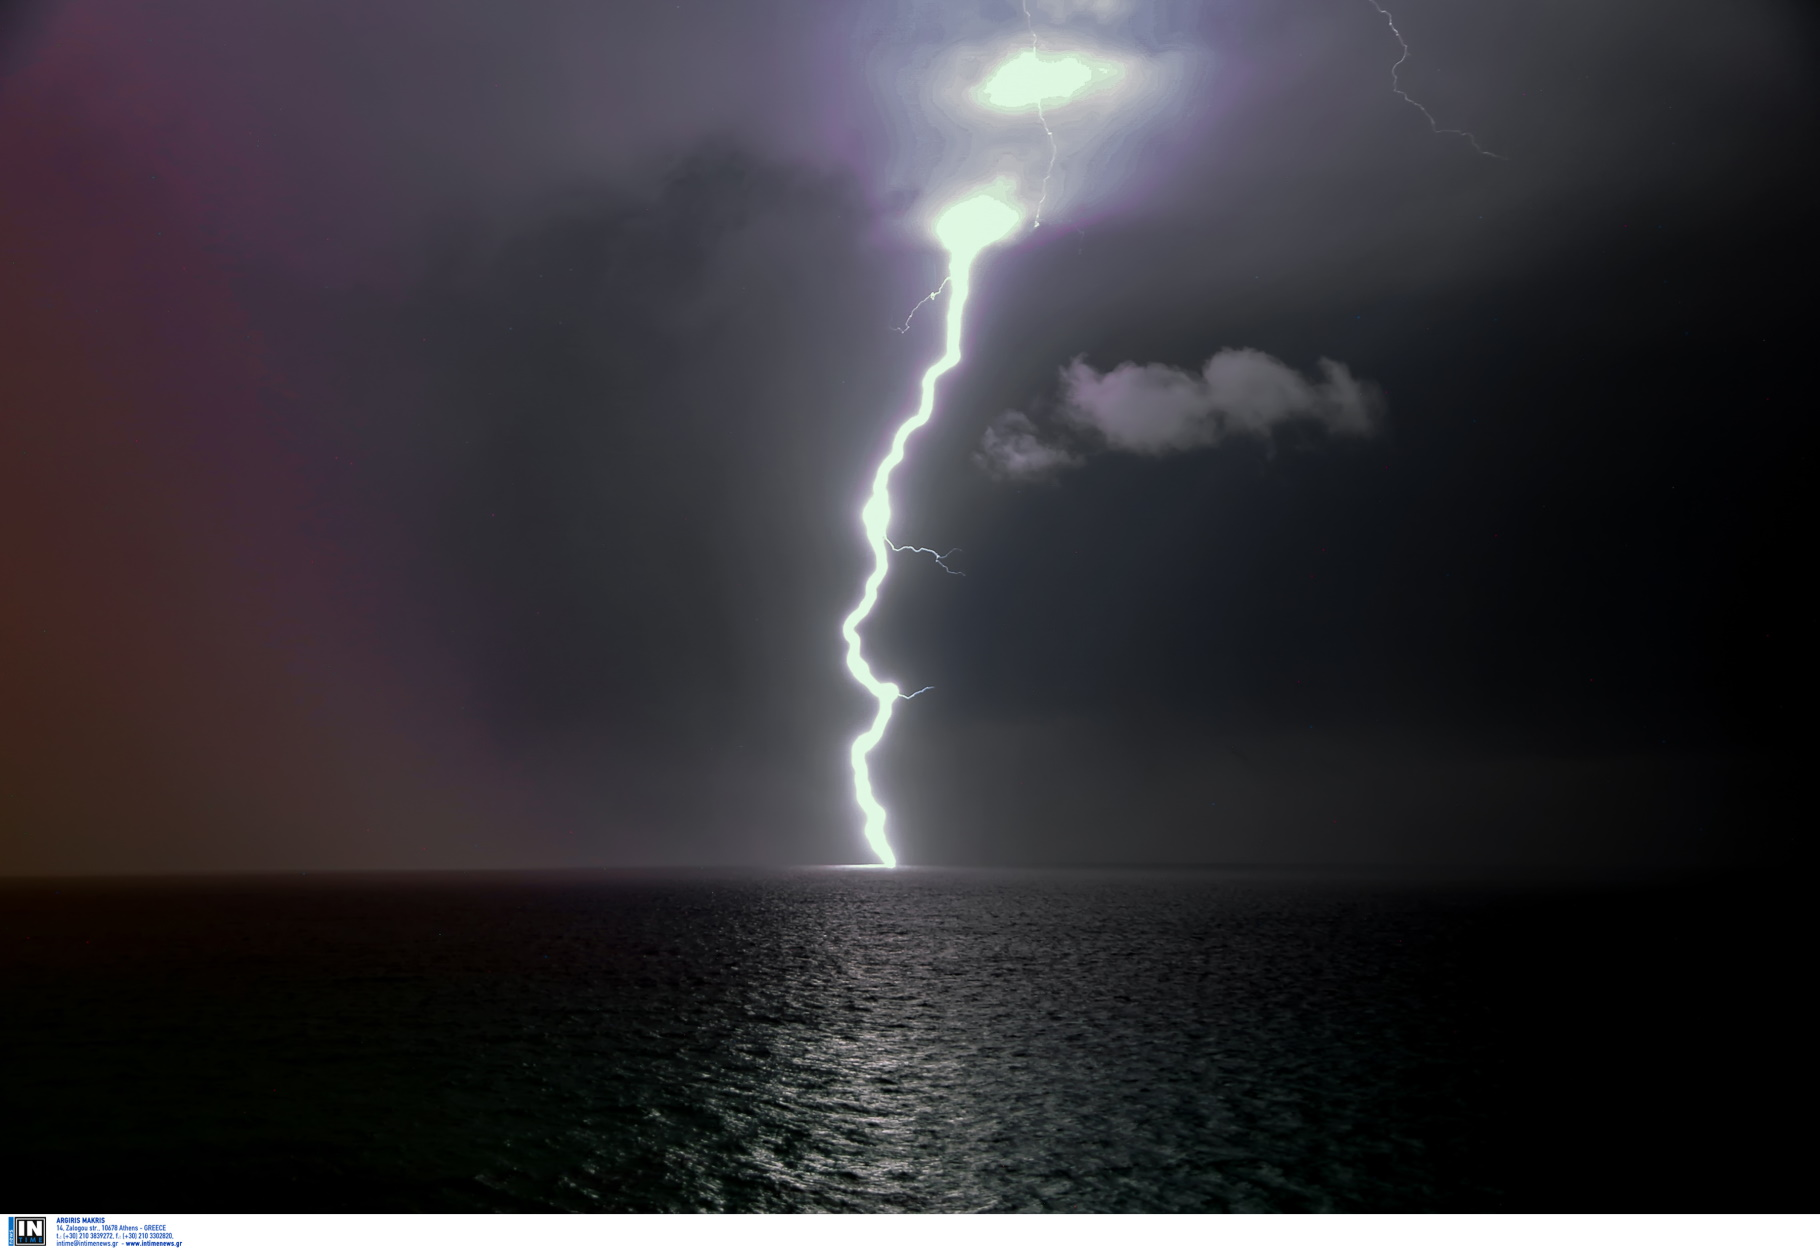 Καιρός σήμερα: Βροχές, καταιγίδες και πολλά μποφόρ